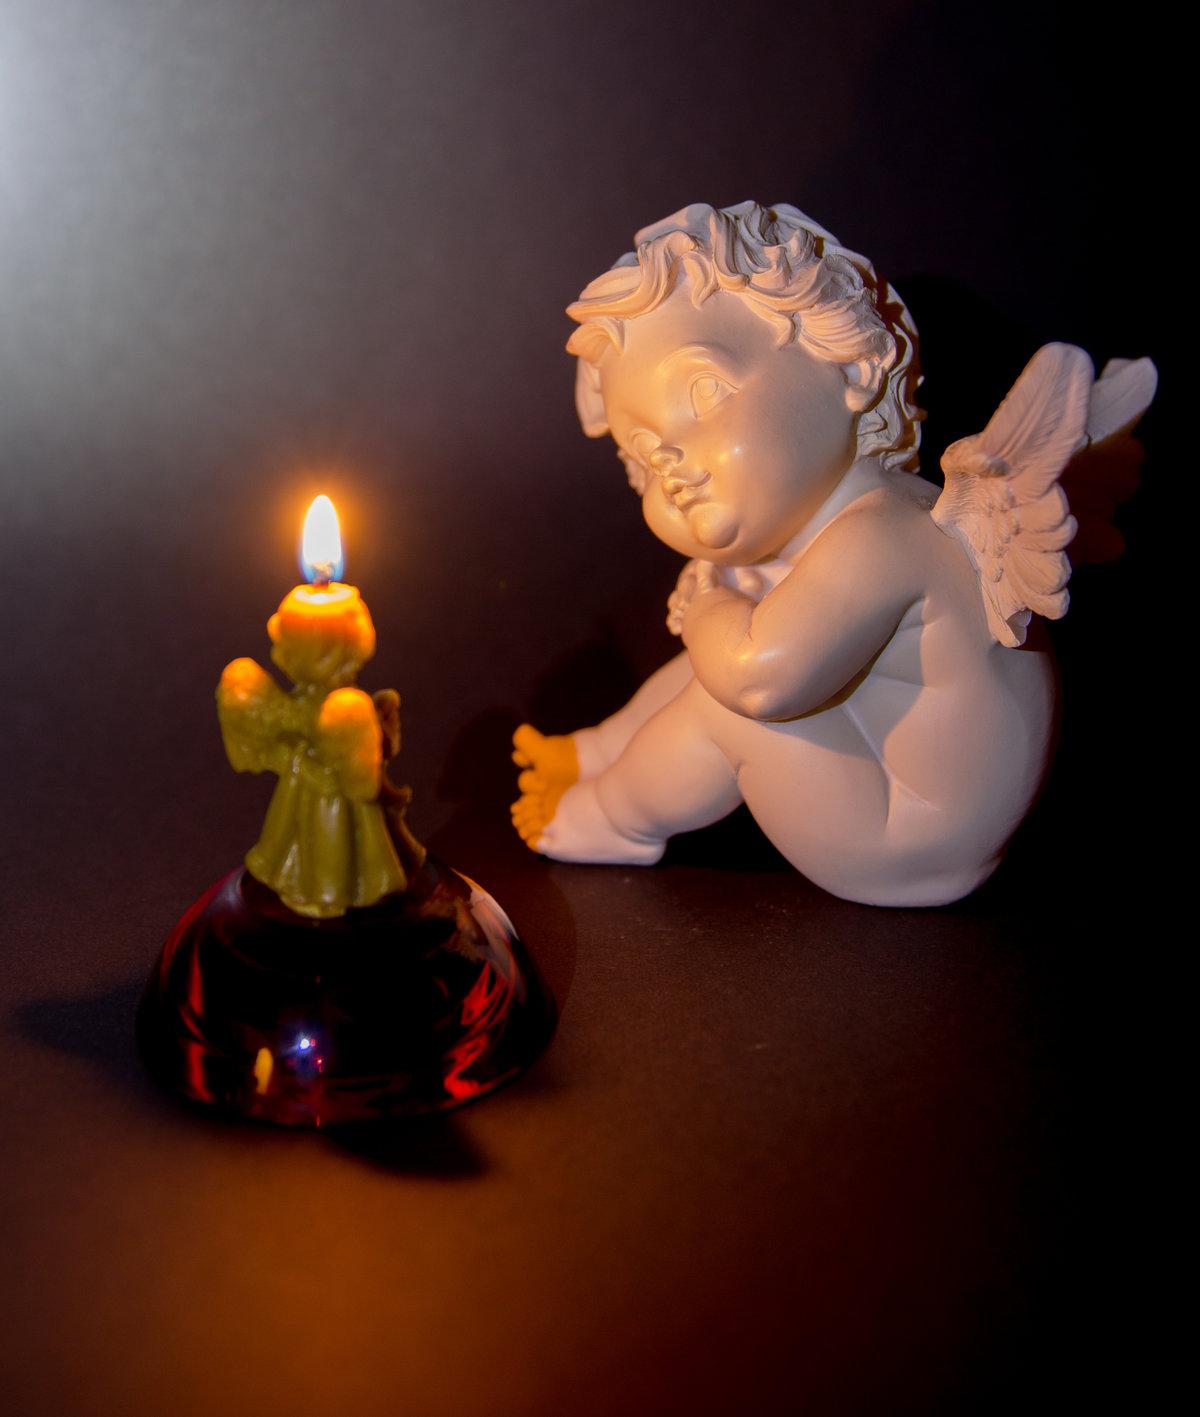 тебе свечи с ангелами картинки все знаем только